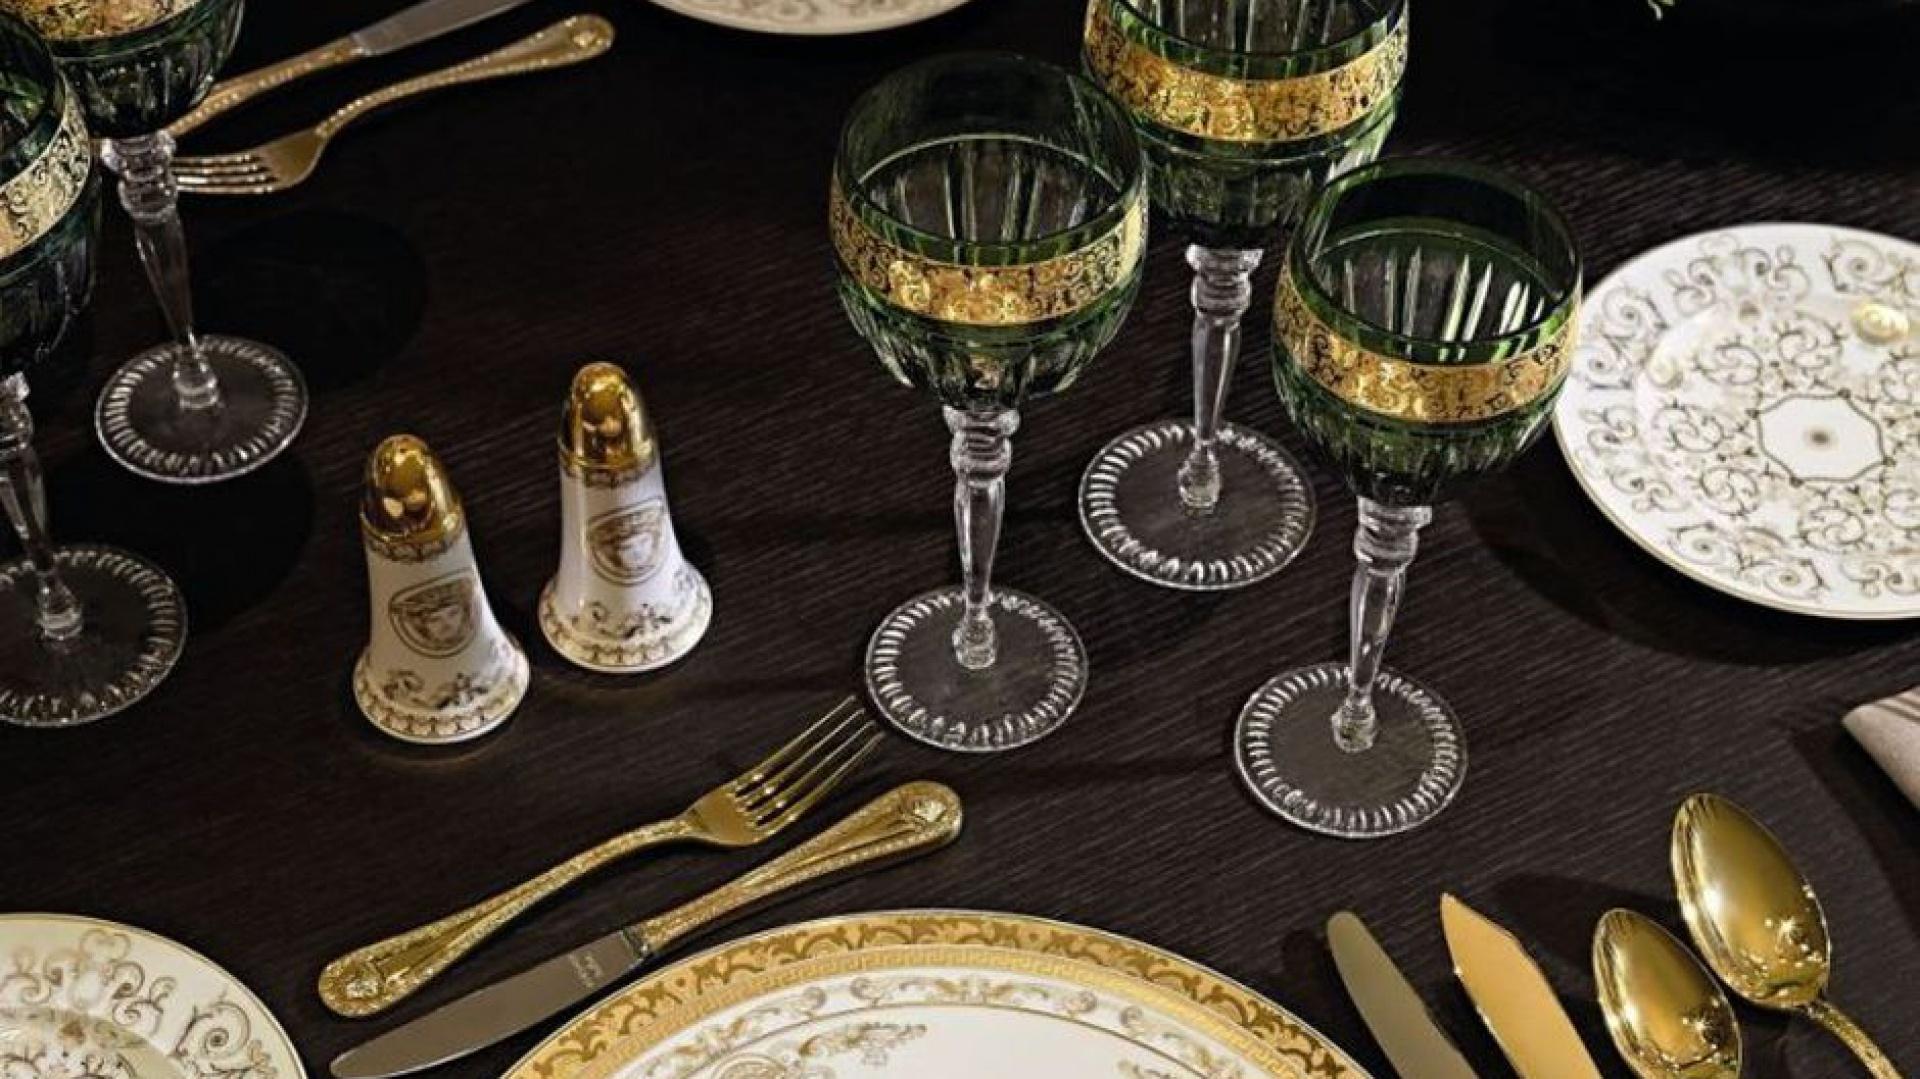 Kieliszki do wina o dość tradycyjnym kształcie, które wyróżniają się nietypowym zielonym kolorem i pięknym złotym ornamentem. Fot. Rosenthal.